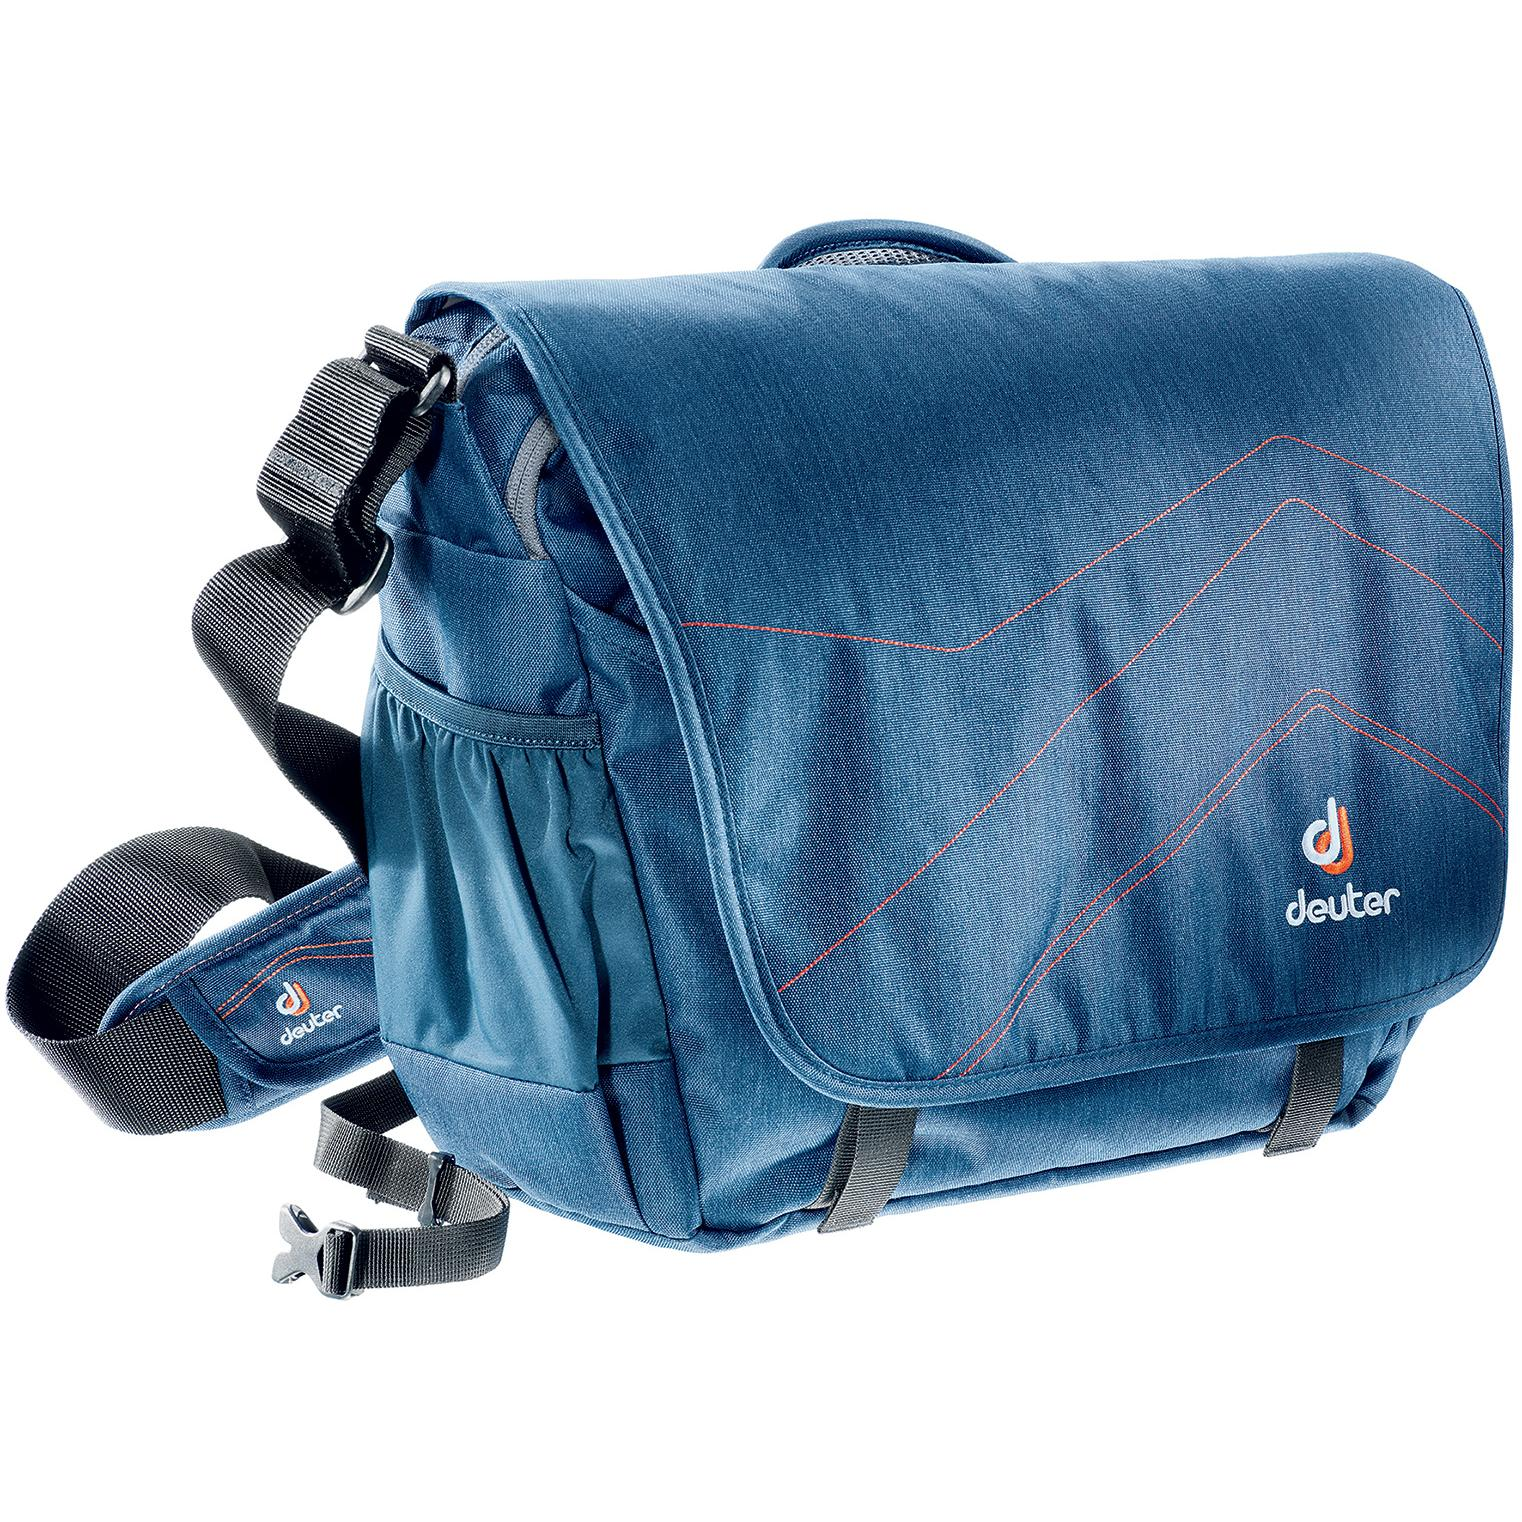 Купить Сумка на плечо Deuter 2015 Shoulder bags Operate III midnight dresscode Сумки для города 1072972